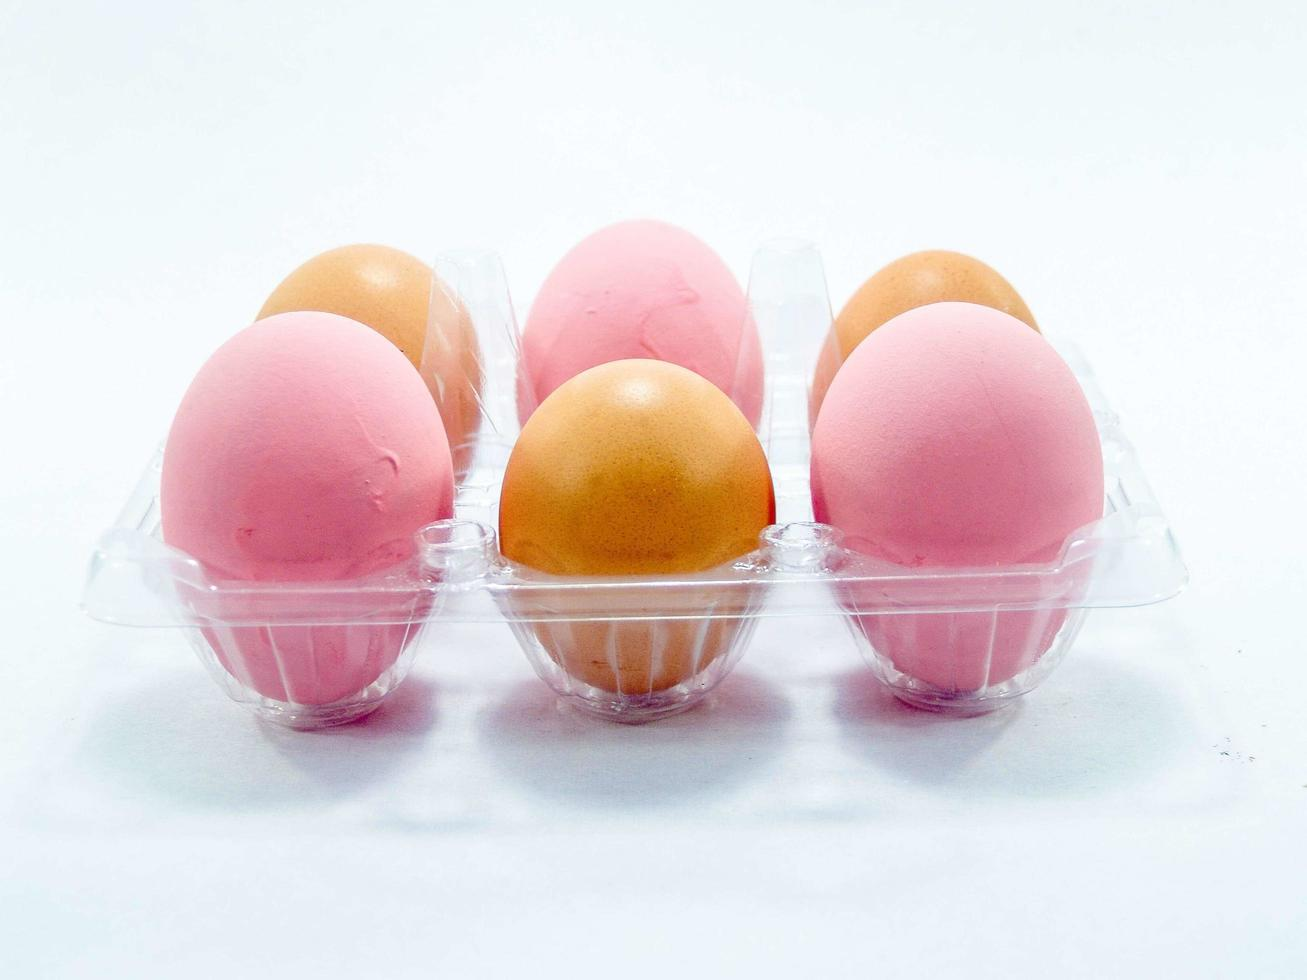 Nahaufnahme von rohen Eiern foto